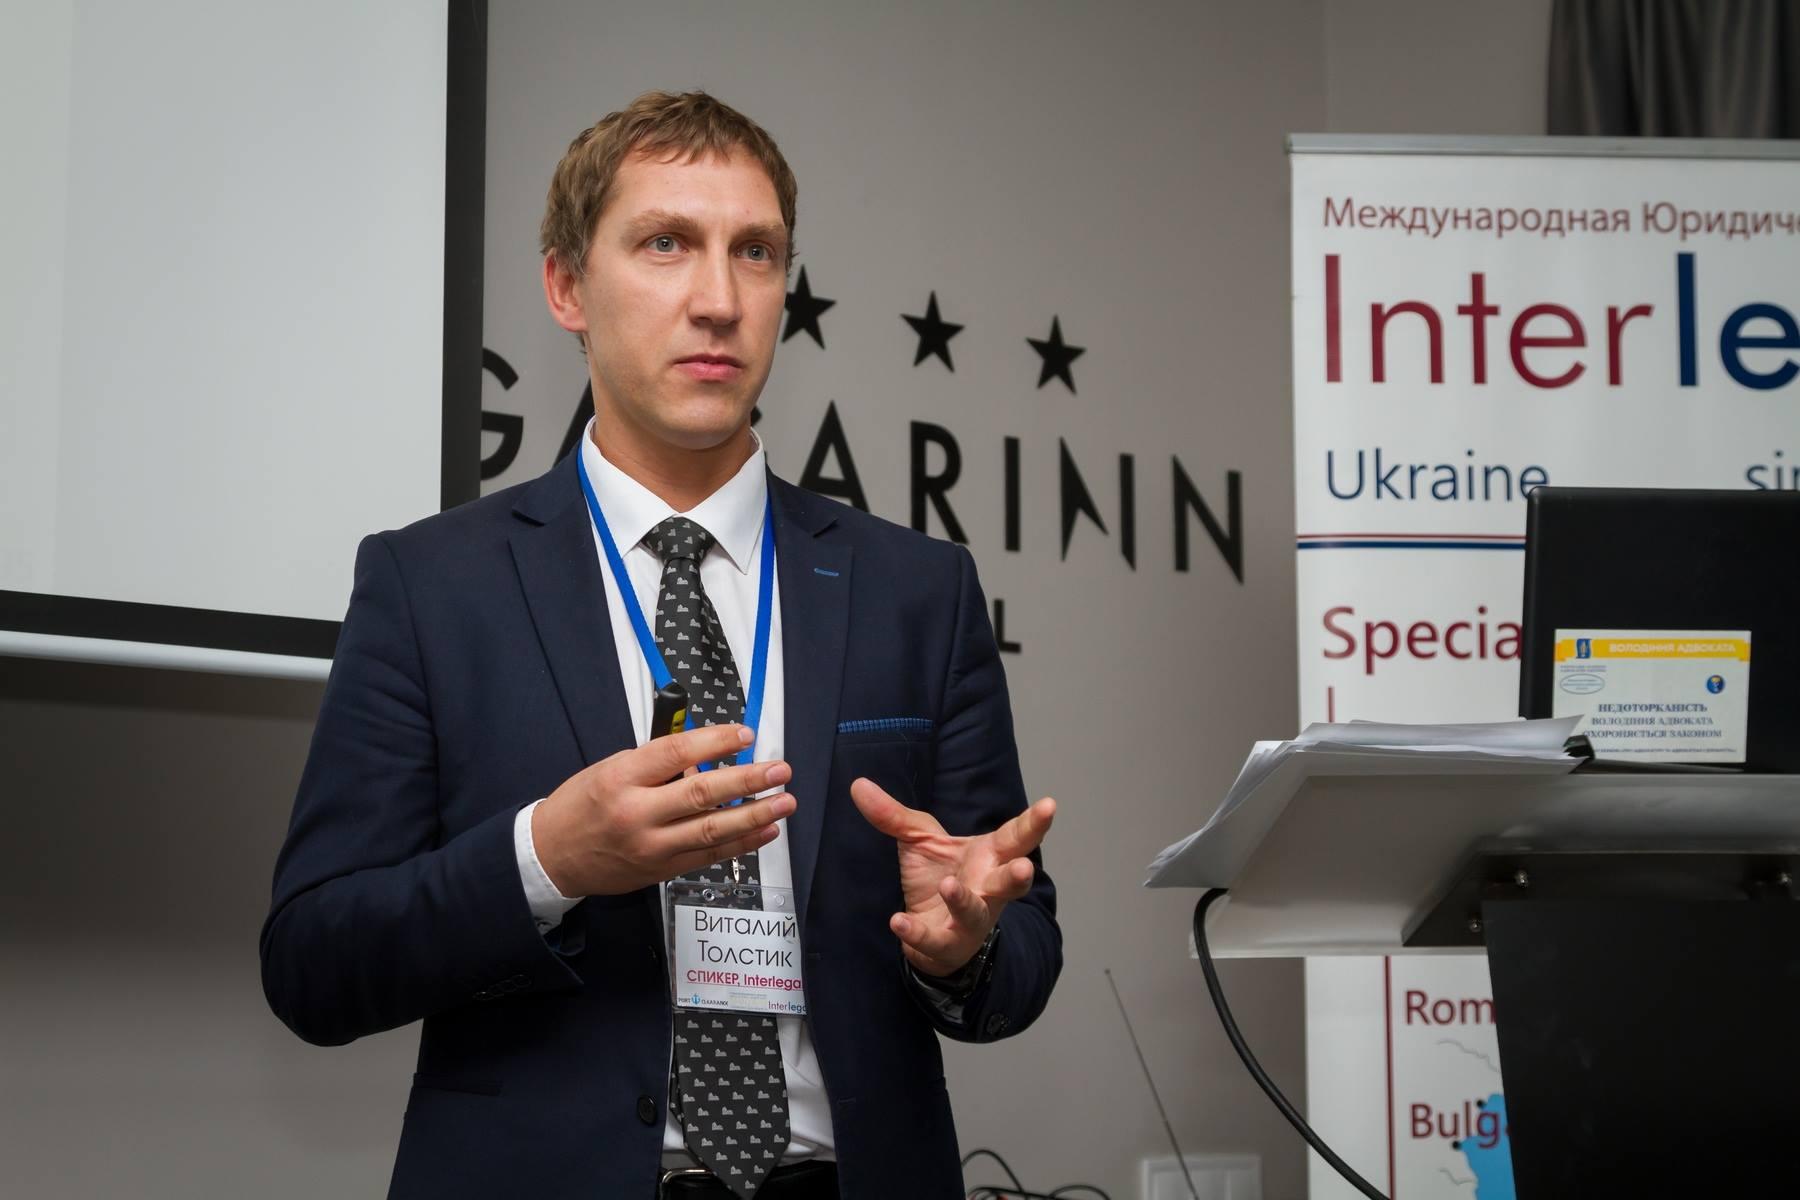 Виталий Толстик, адвокат Interlegal